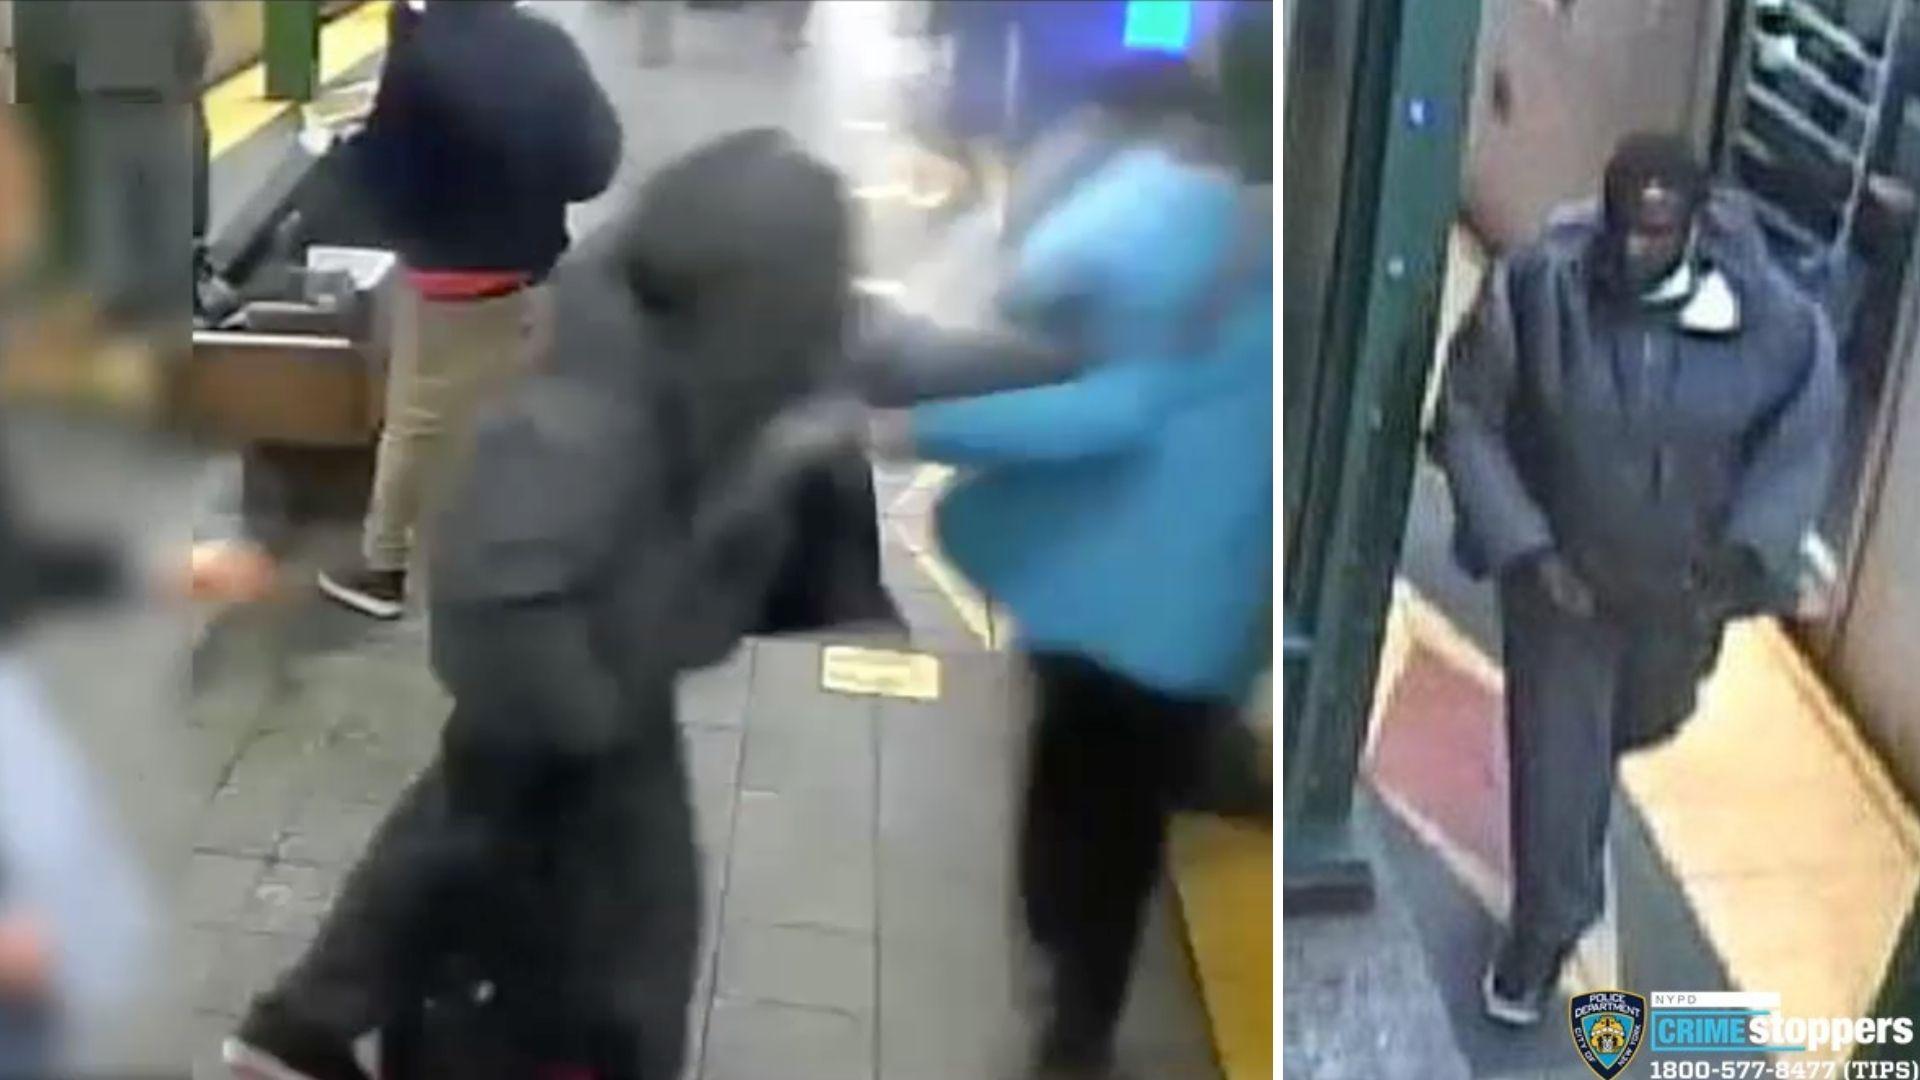 Man shoved onto subway tracks at Brooklyn station